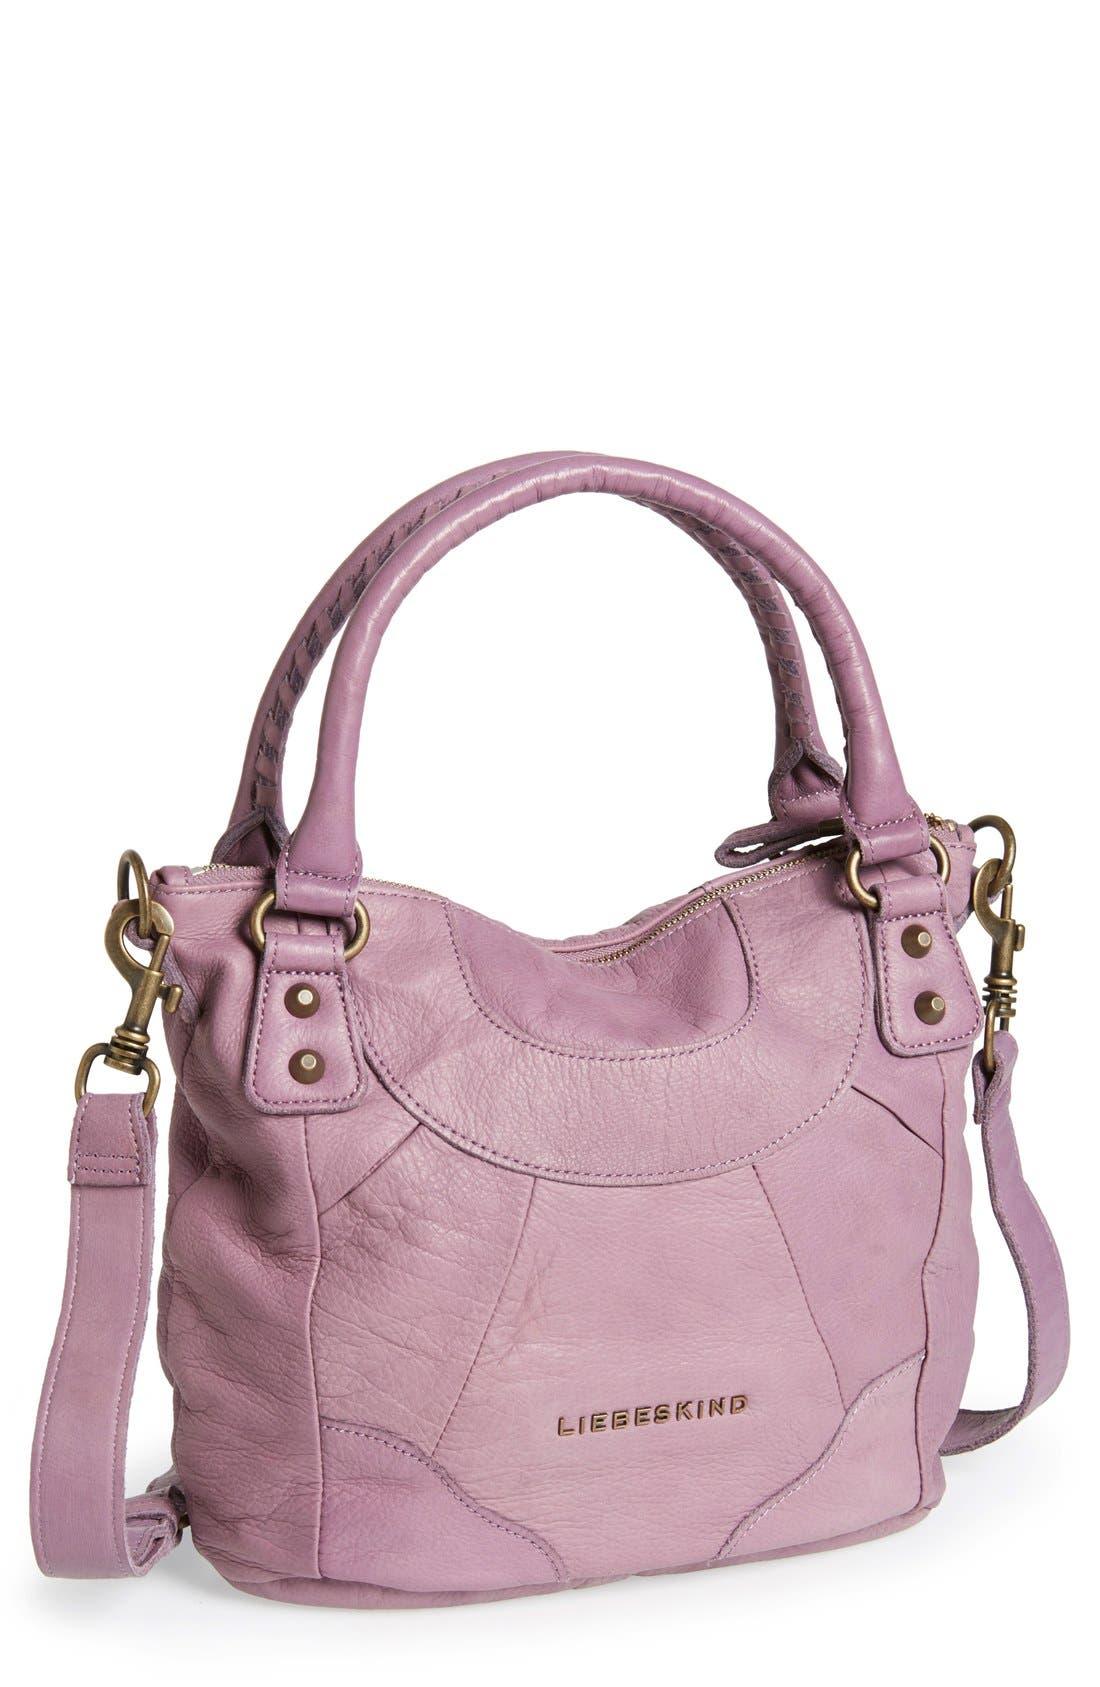 Alternate Image 1 Selected - Liebeskind 'Vintage Gina' Soft Leather Handbag